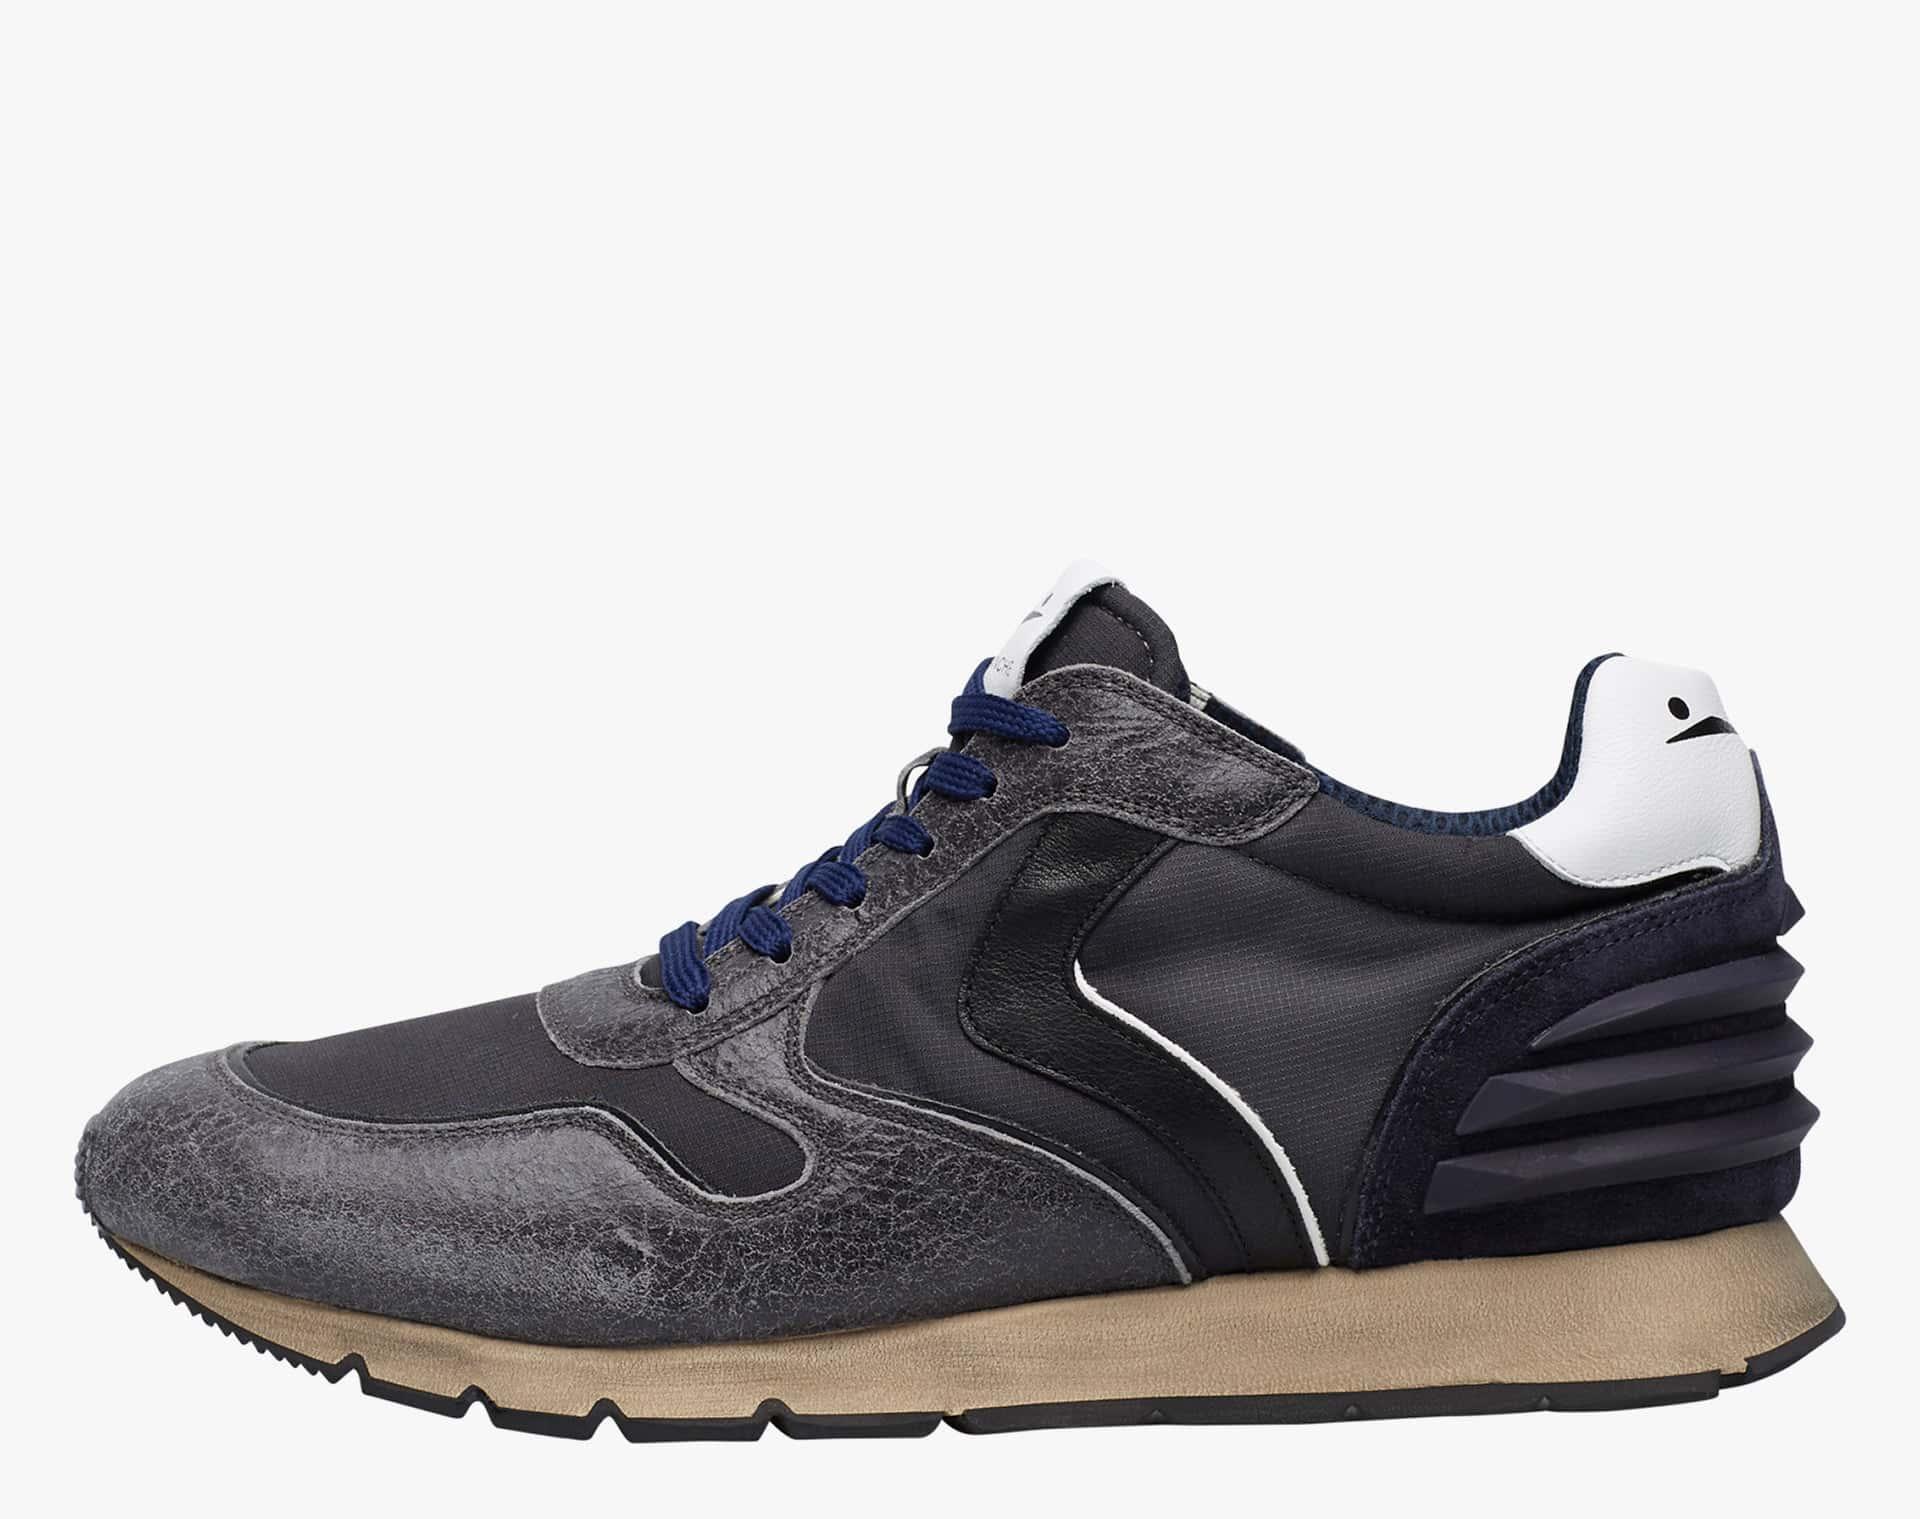 LIAM POWER - Sneaker in pelle e nylon sfumato - Antracite/Nero/Blu